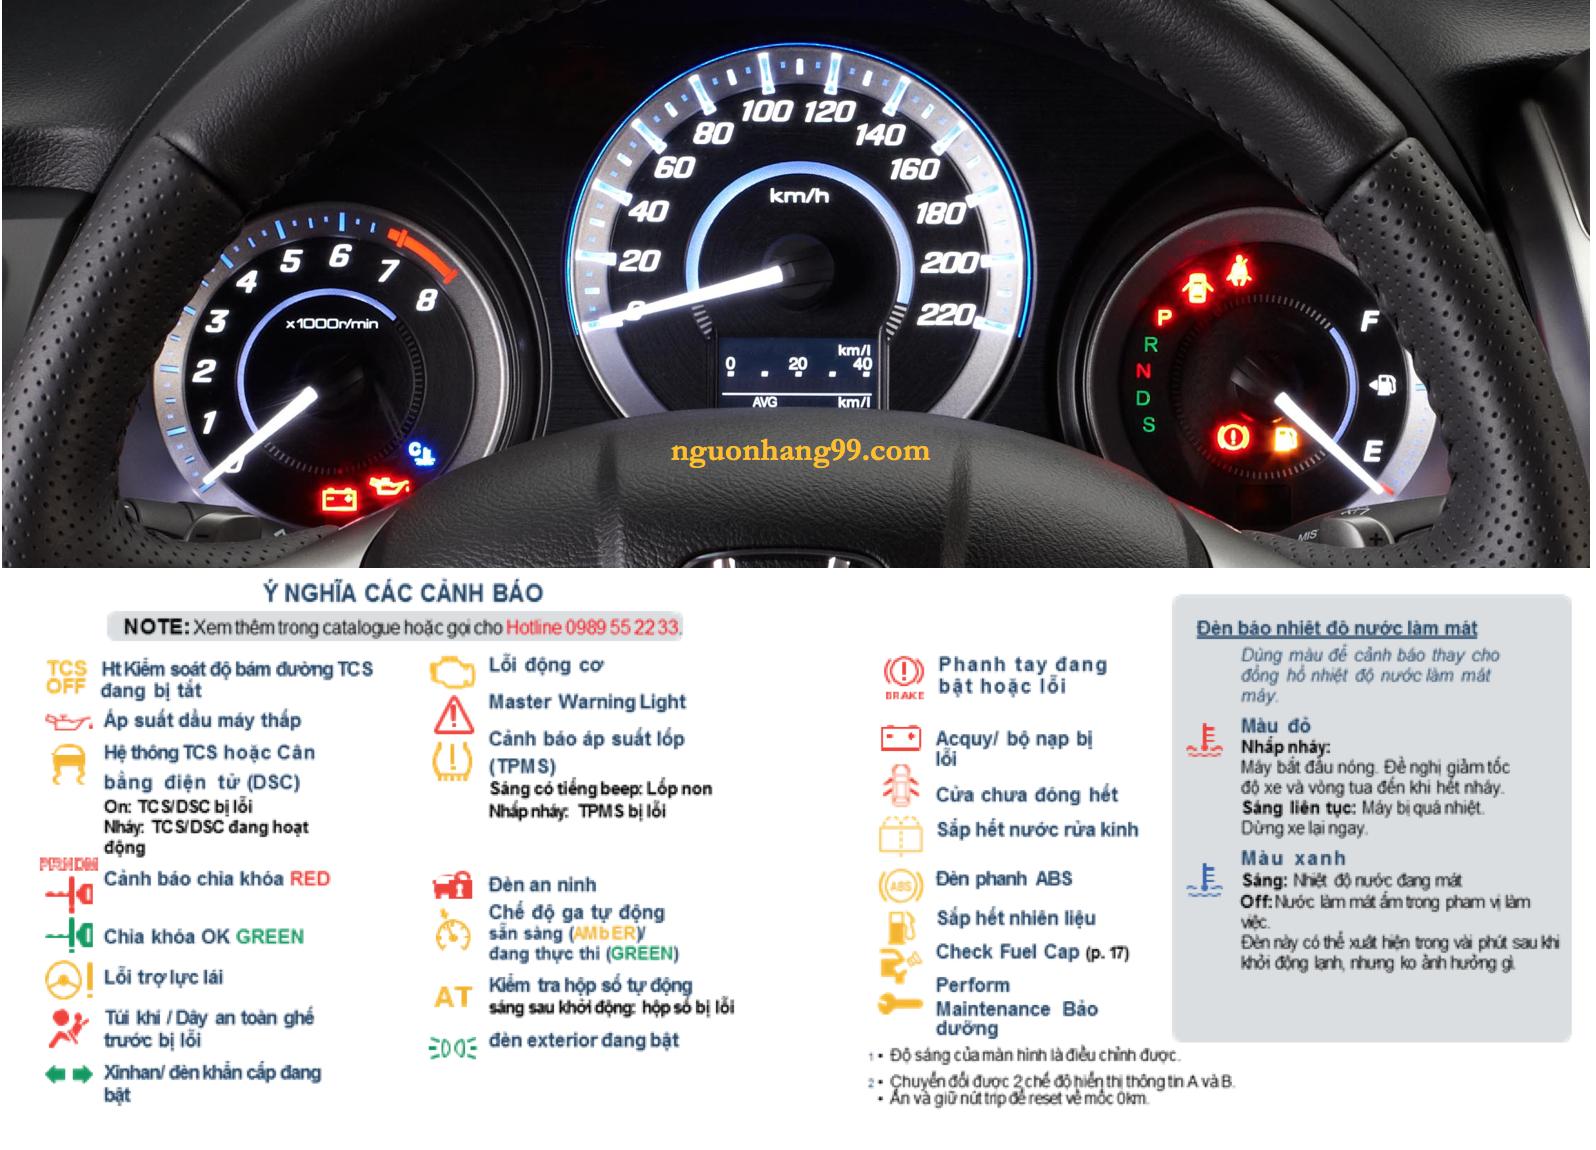 hướng dẫn sử dụng Honda city